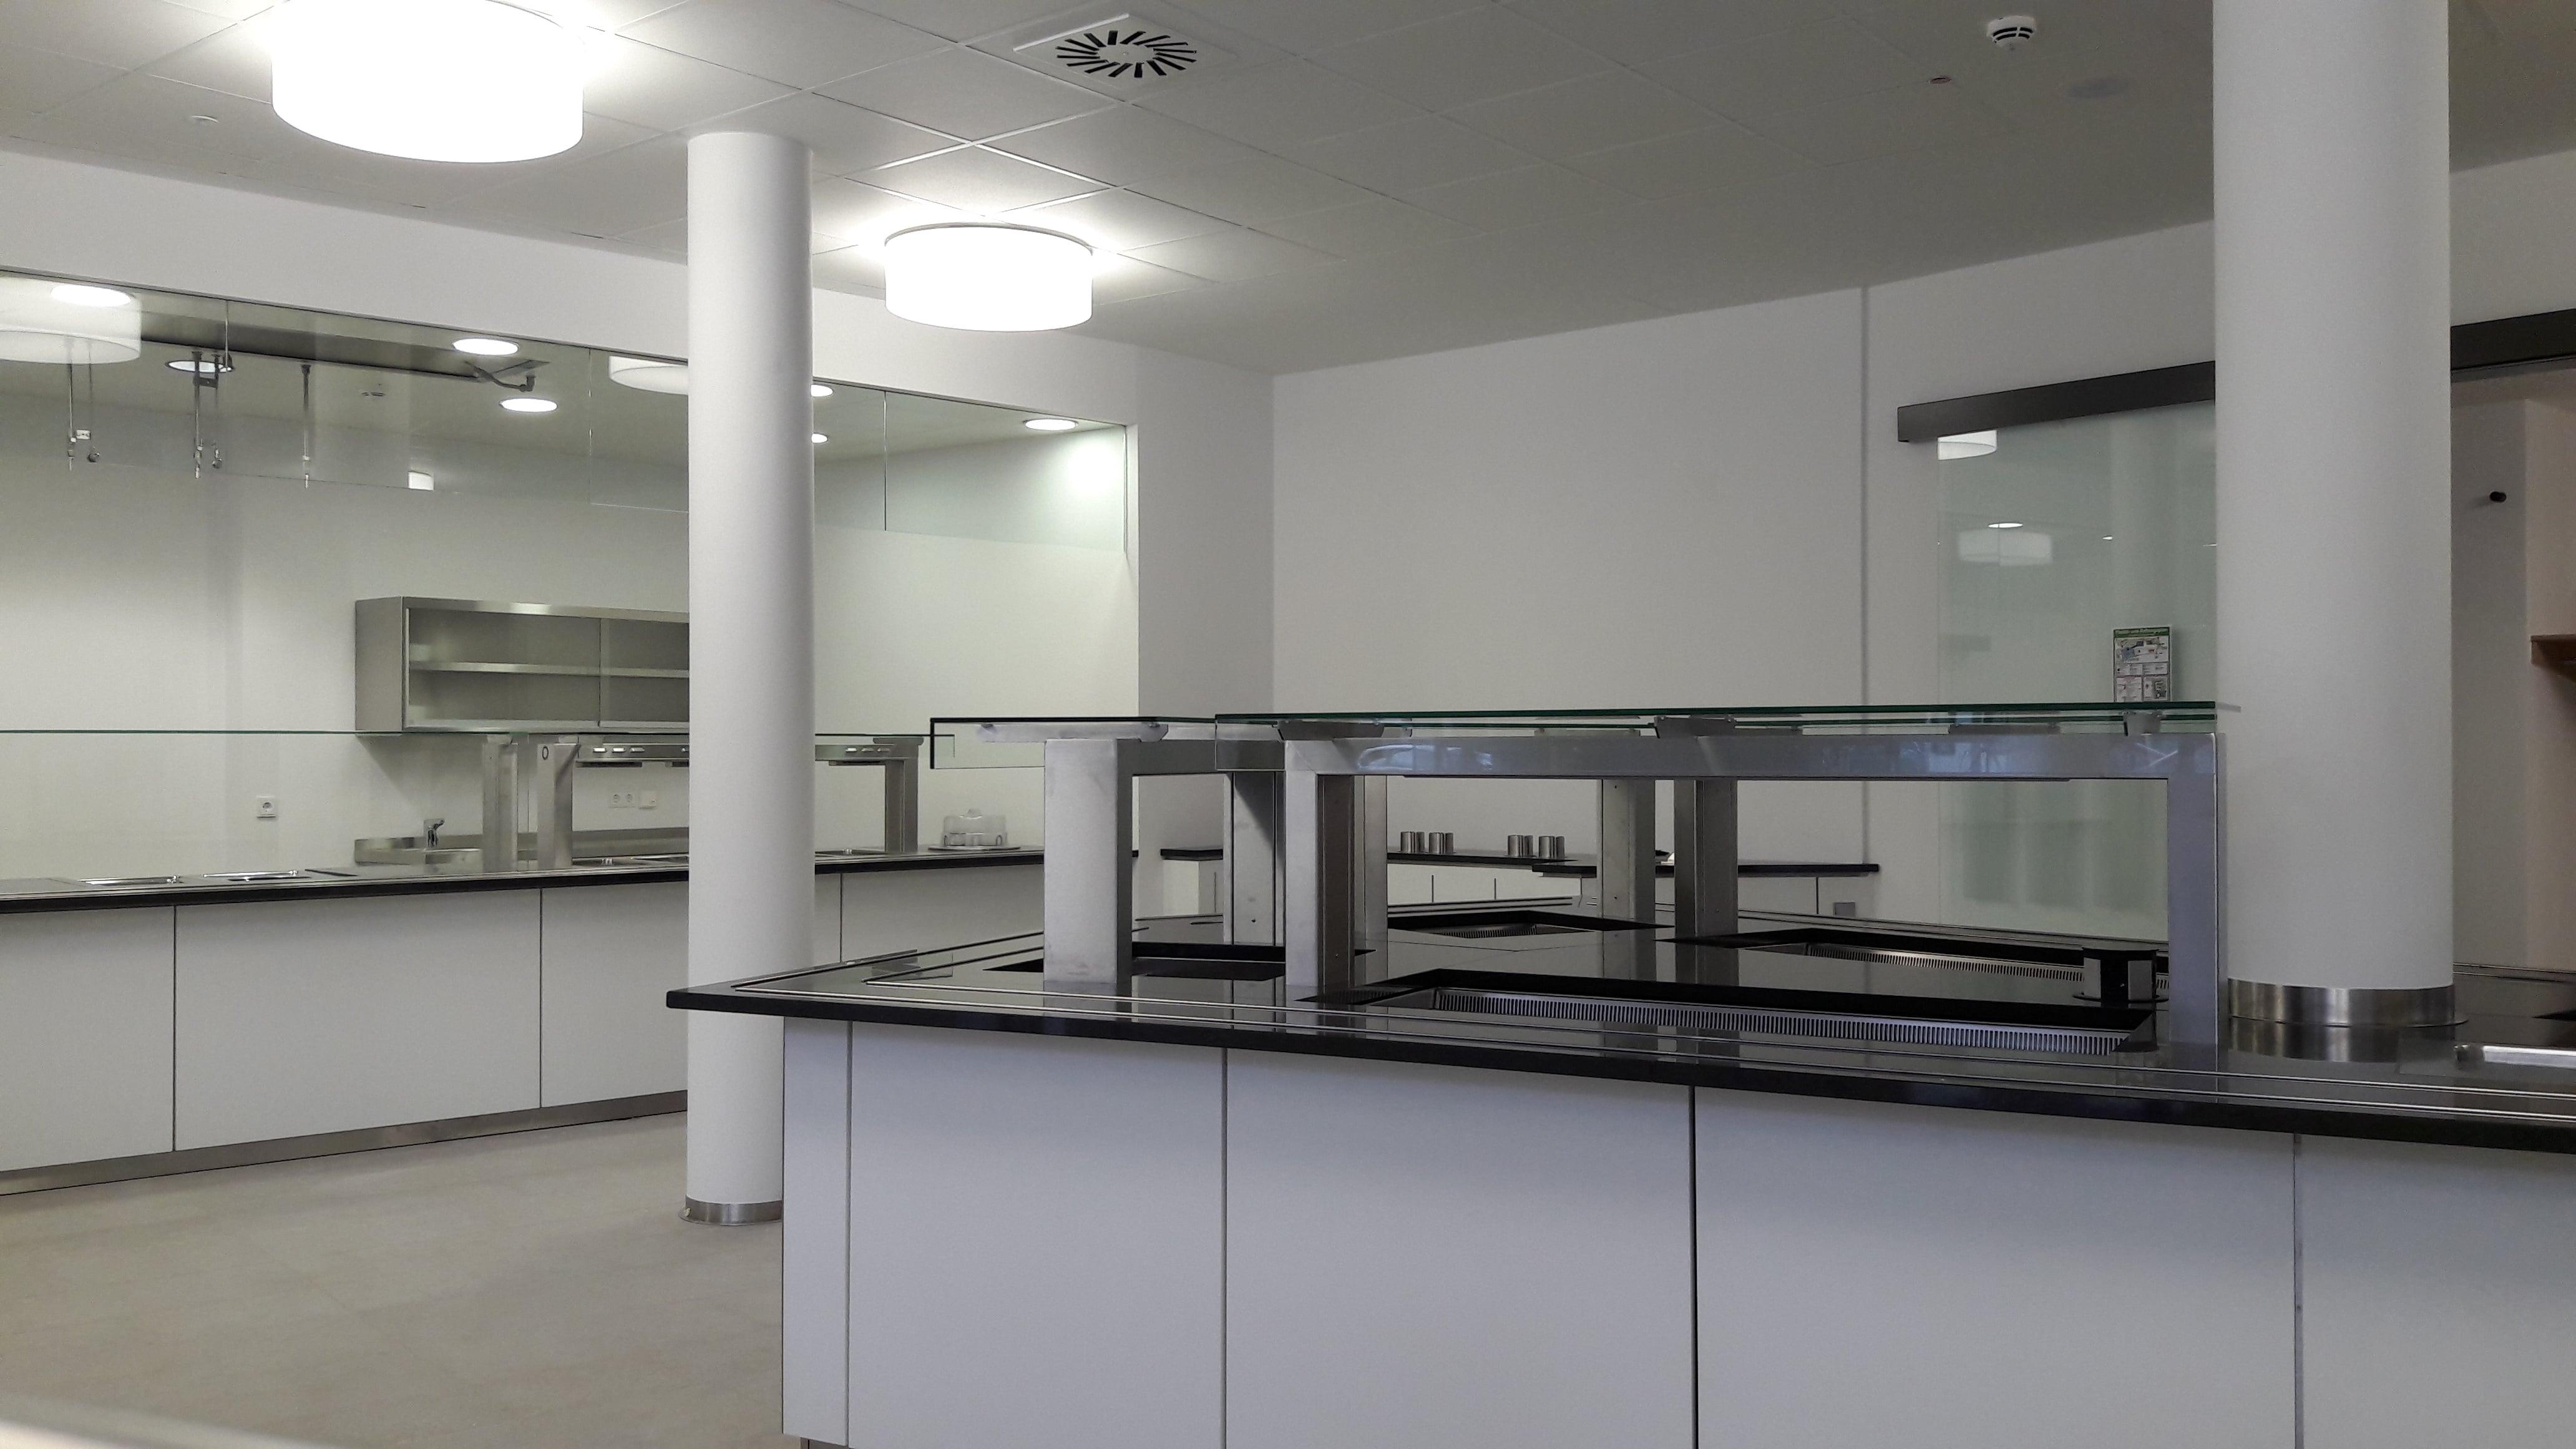 BG Klinik BadReichenhall